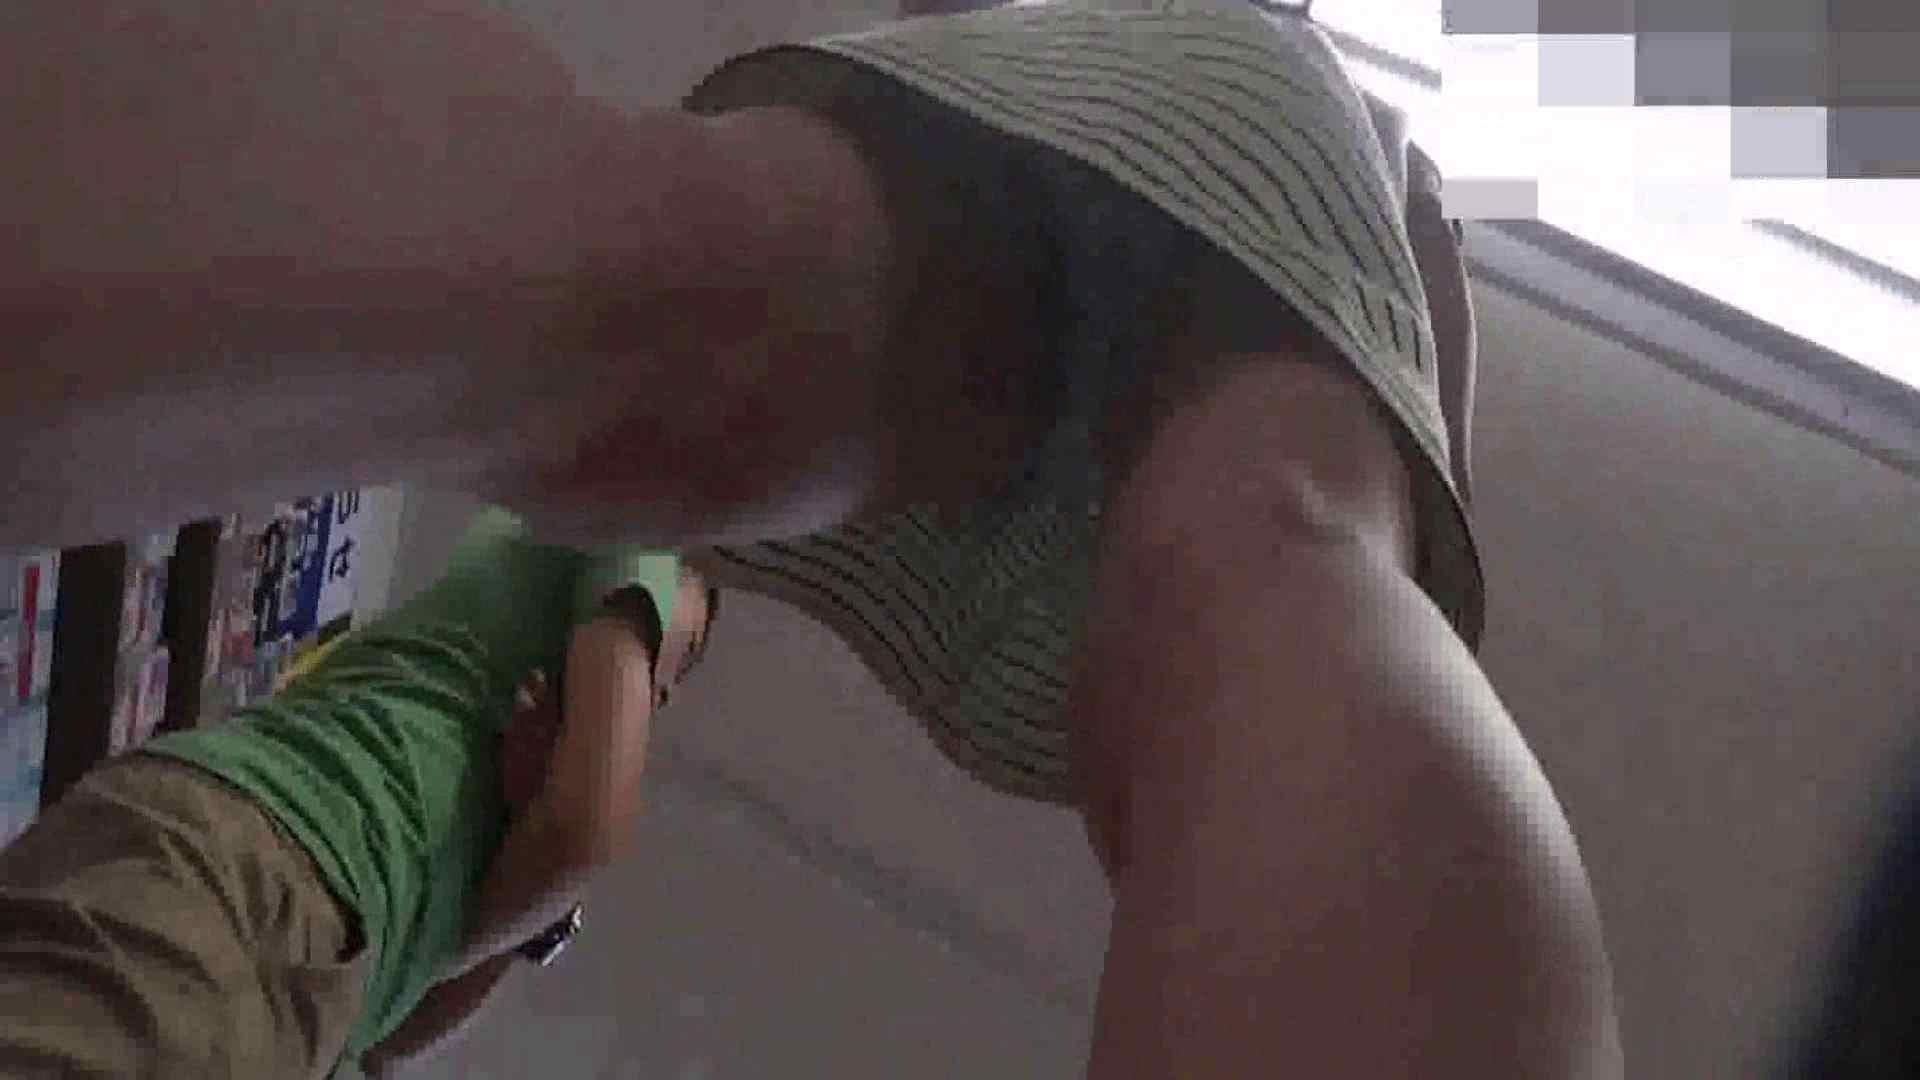 真剣に買い物中のgal達を上から下から狙います。vol.01 すけべなOL | JK  89画像 43